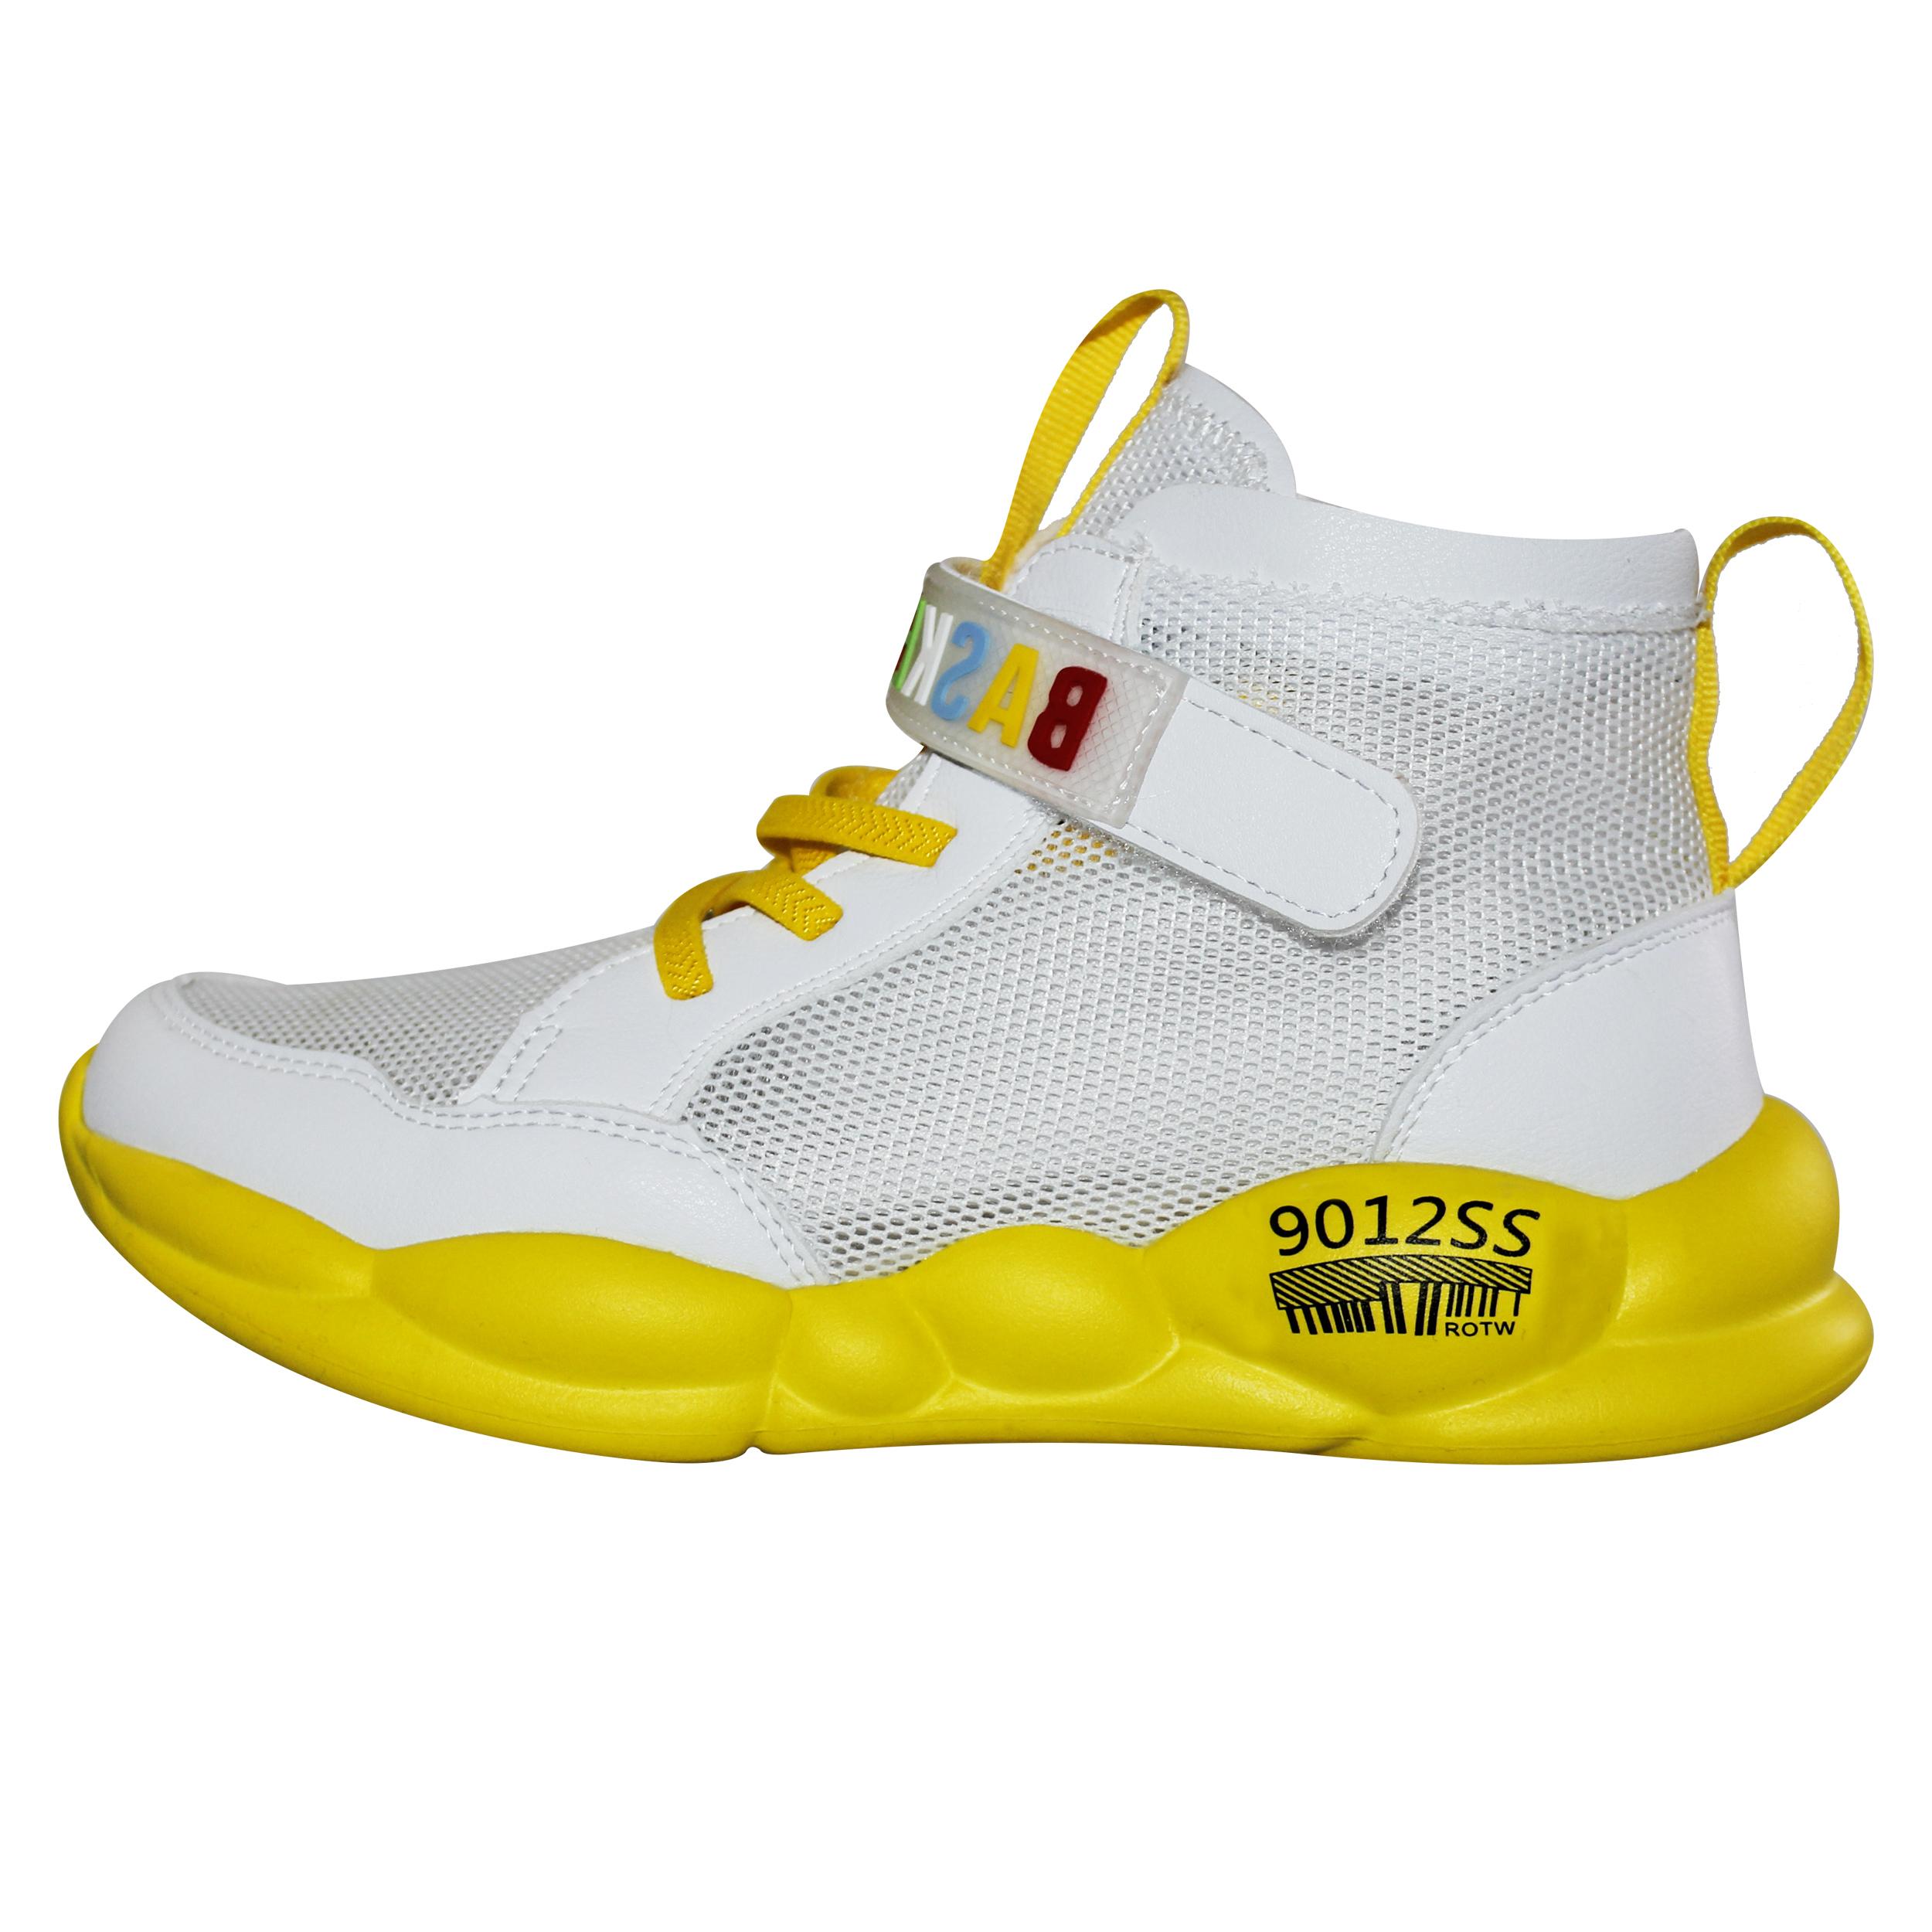 کفش بسکتبال دخترانه کد 9023SS